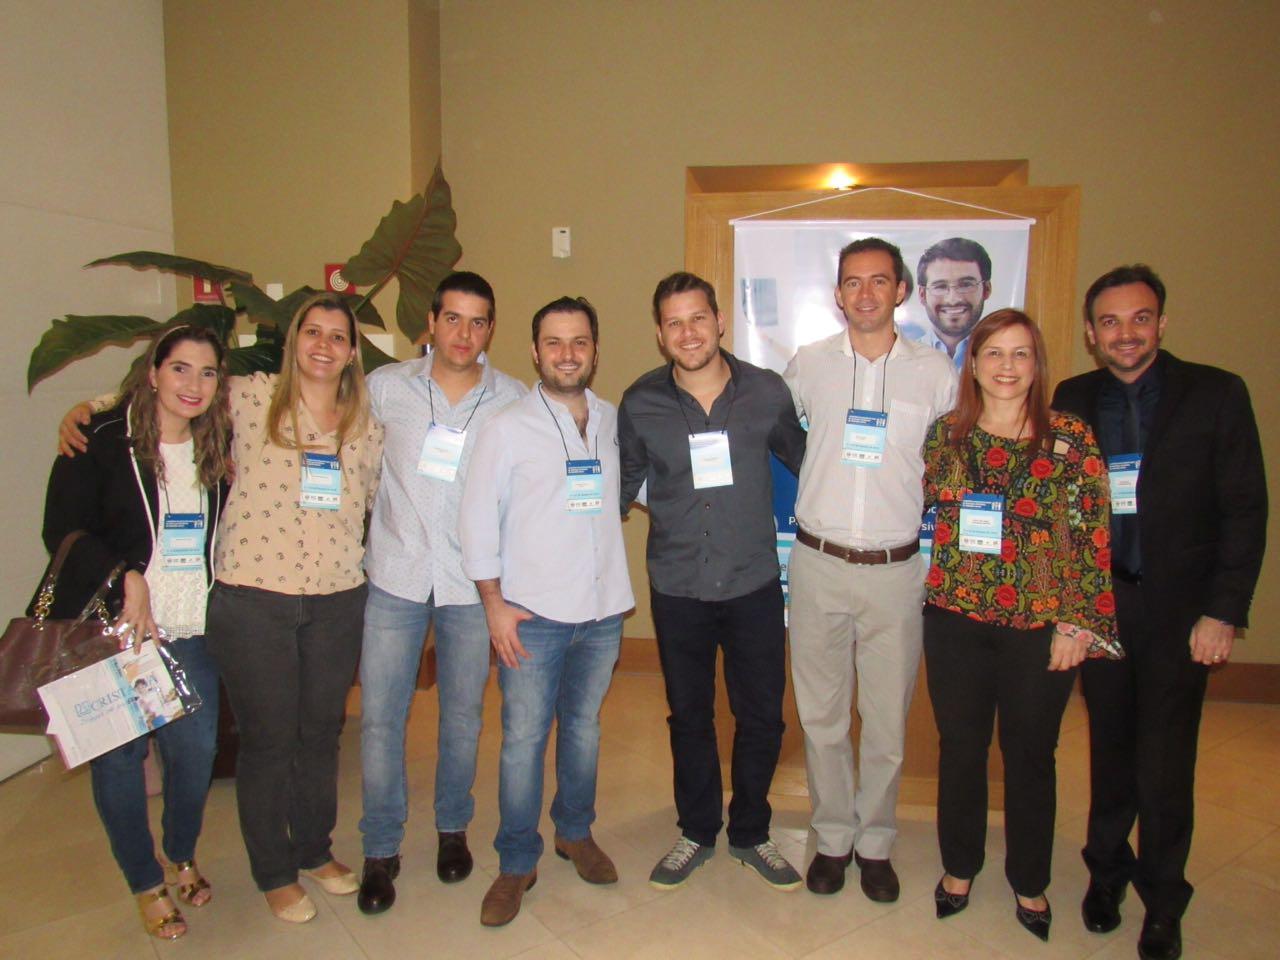 Foto 5 simposio_ribeirao_preto (5).JPG